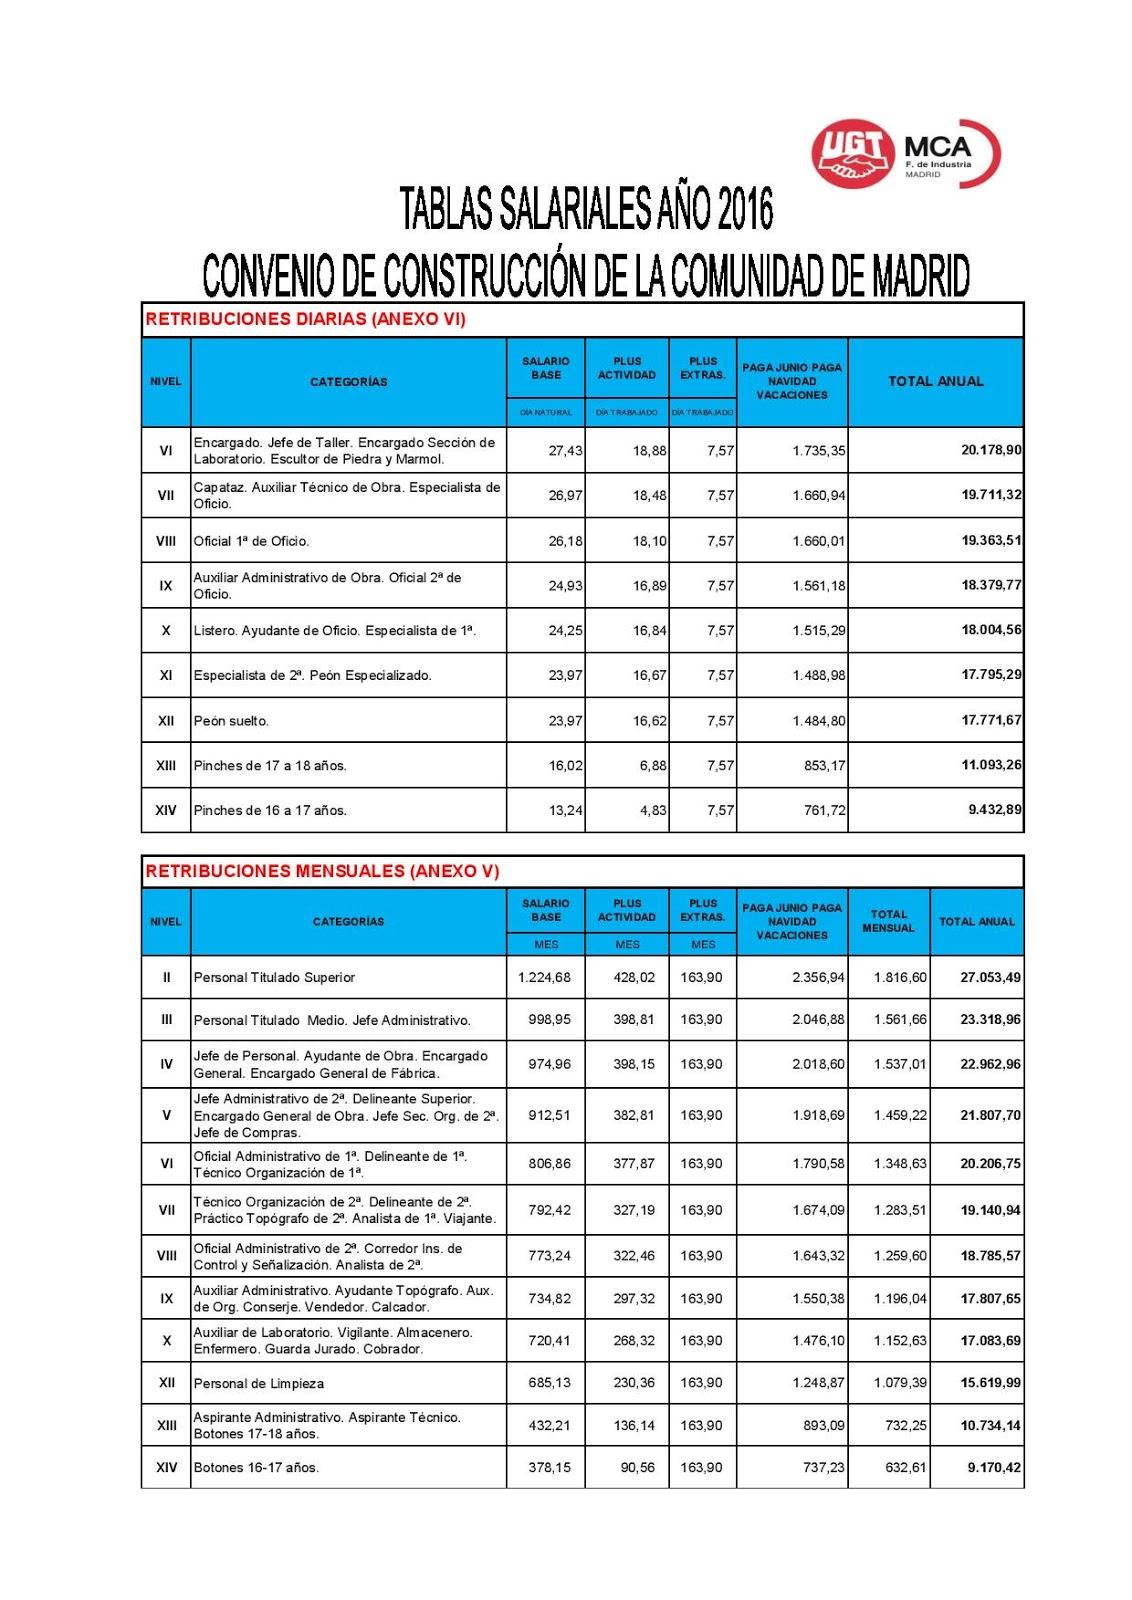 Convenio de la construccion madrid 2016 tablas salariales comit 201 acciona centro tablas - Convenio de oficinas y despachos madrid ...